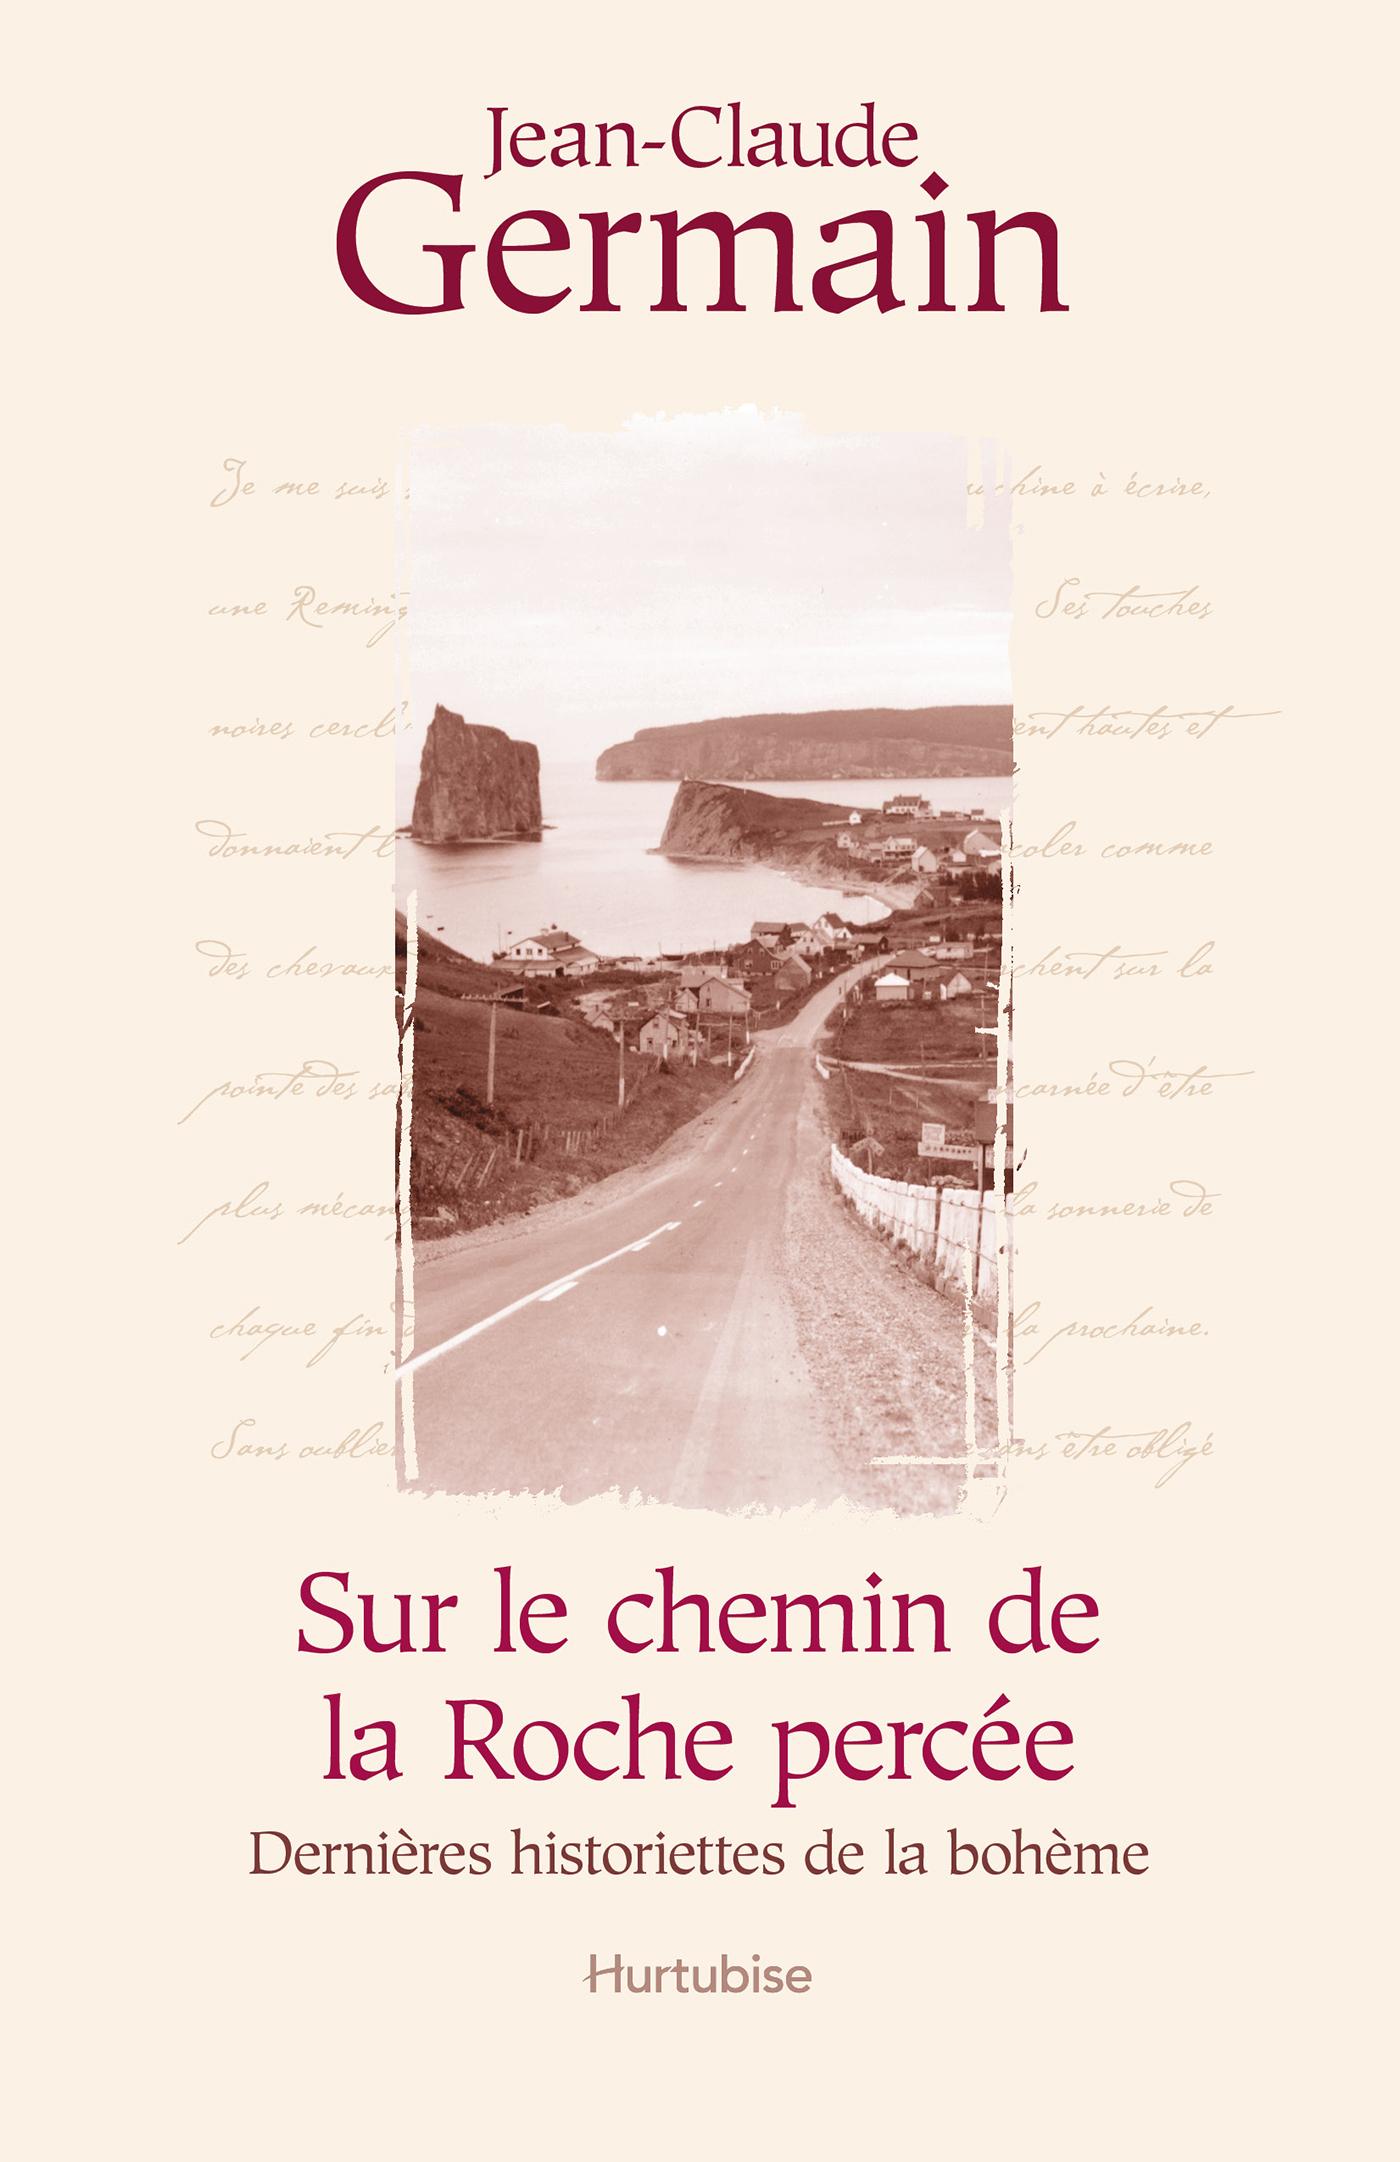 Sur le chemin de la roche percée, Nouvelles historiettes de la bohème